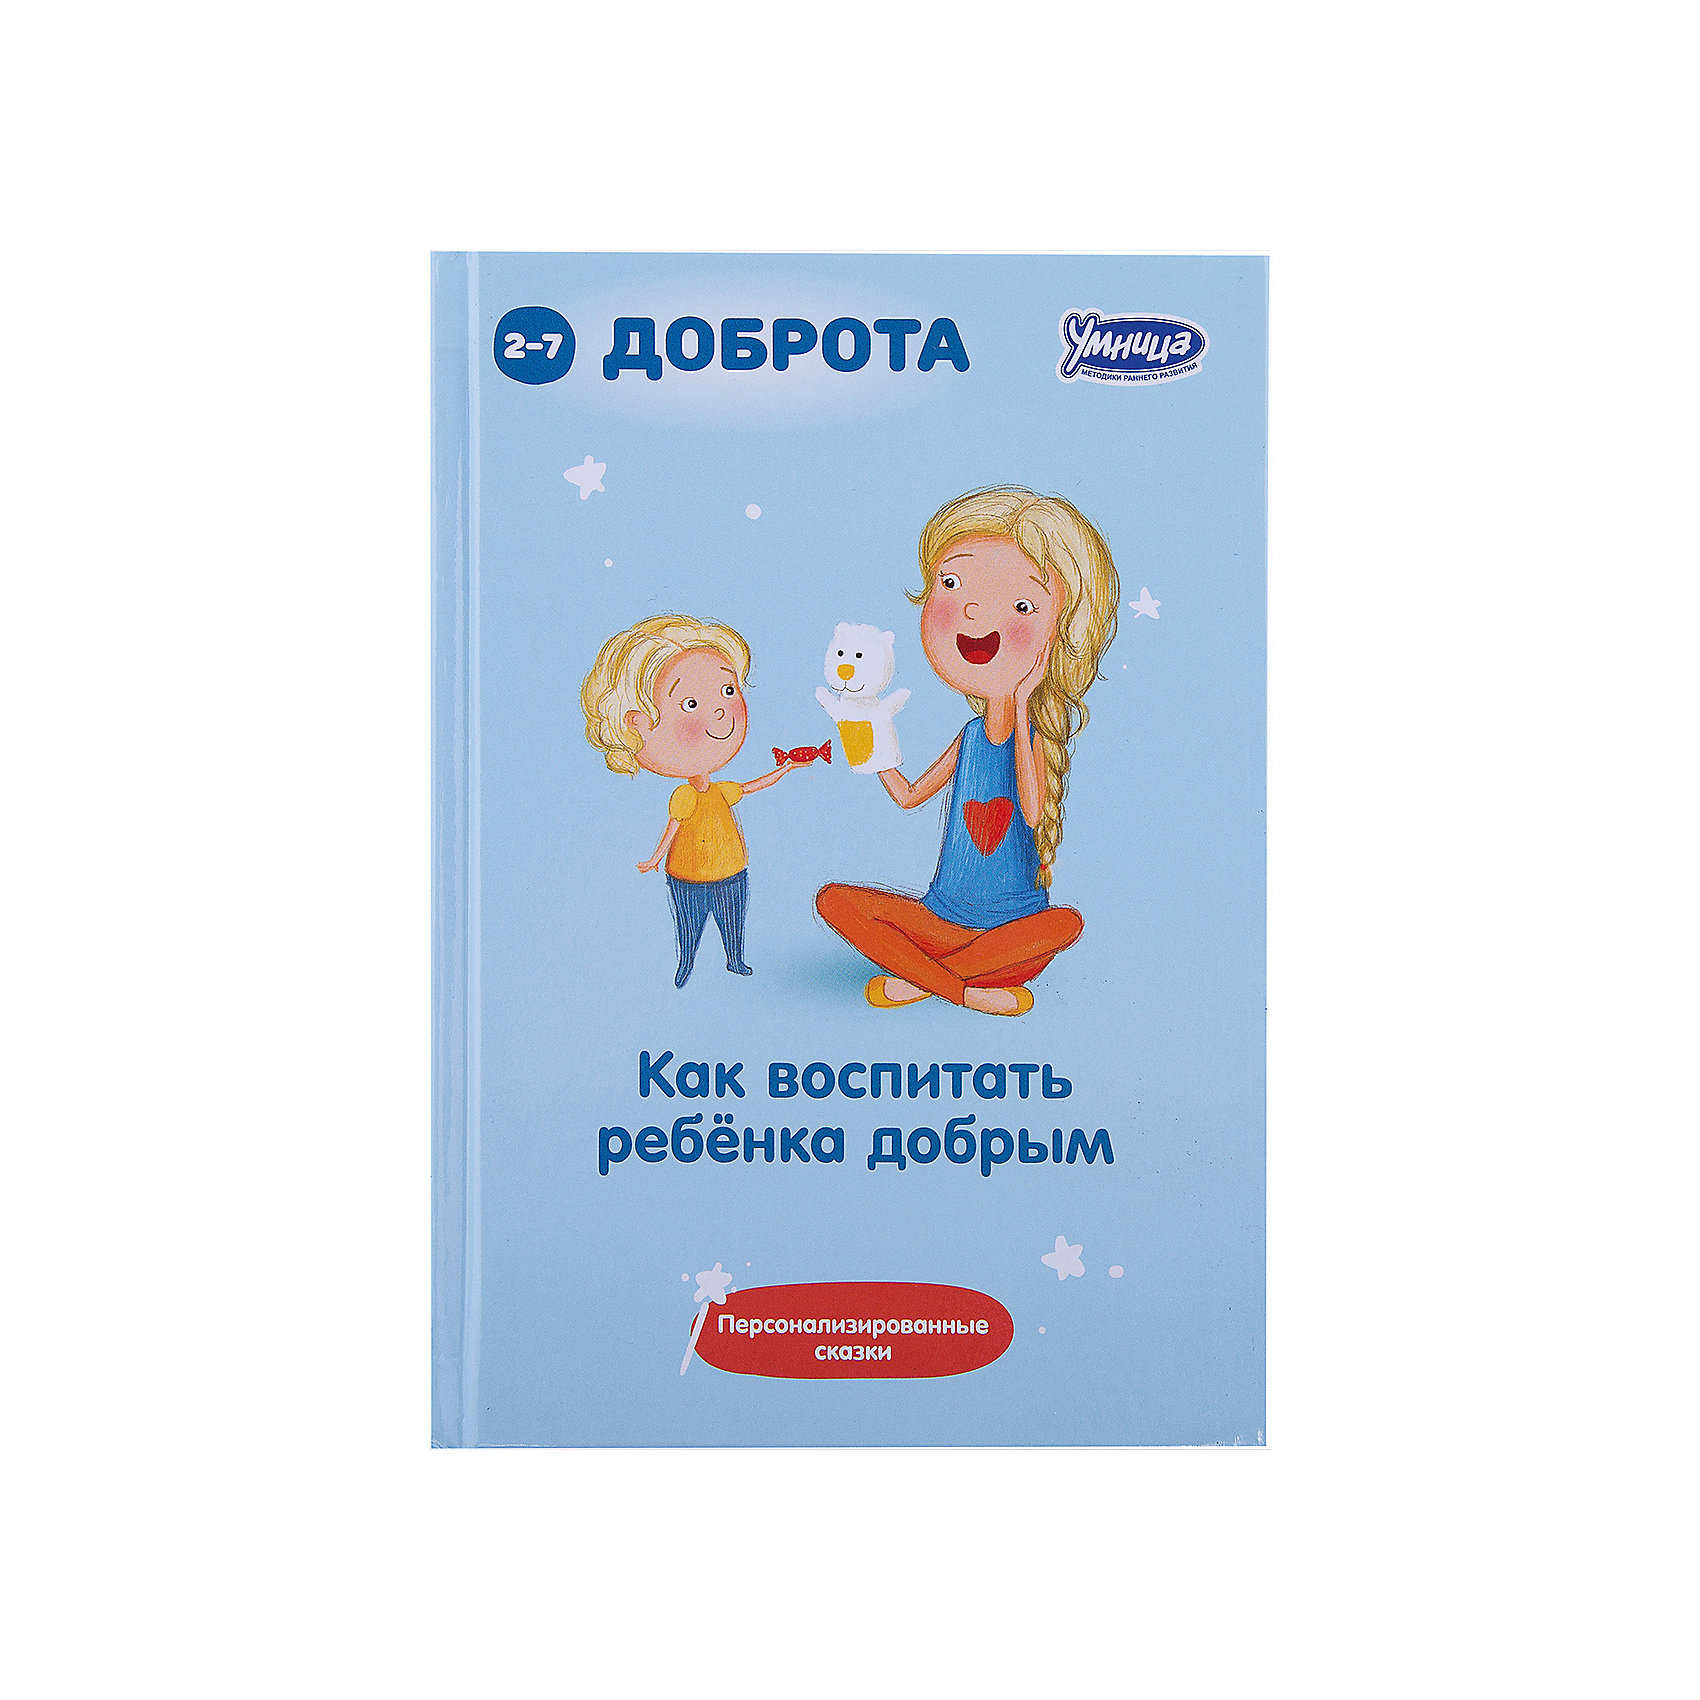 Книга Как воспитать ребенка добрымОбучающие карточки<br>Книга Как воспитать ребенка добрым - это уникальный способ мягко и бережно воздействовать на характер ребёнка при помощи сказки.<br>Книга  «Как воспитать ребёнка добрым» содержит 30 сказок для воспитания 7 черт доброты: дружелюбие, честность, отзывчивость и щедрость, совесть, сострадание, благородство, любовь.: Эти сказки отличаются от обычных. В них Ваш малыш является главным героем. Вам нужно только вписать имя ребёнка в каждую сказку. Каждый вечер перед сном Вы просто читаете малышу сказки, в которых главный герой проявляет себя как нельзя лучше: совершает хорошие поступки, помогает людям, защищает слабых… В реальной жизни ребёнок сам захочет подражать своему сказочному образу! Дети всегда открыты сказке, ведь в ней нет прямых наставлений. Воспитательный эффект сказки несравним ни с чем. Кроме сказок книга содержит методические рекомендации, которые помогут Вам научиться правильно, рассказывать сказки.<br><br>Дополнительная информация:<br><br>- Составитель, редактор, автор вступительной статьи: А.А. Маниченко<br>- Переплет: твердый<br>- Количество страниц: 255<br>- Тип иллюстраций: без иллюстраций<br>- Размер: 13 х 1,5 х 18,5 см.<br>- Вес: 280 гр.<br><br>Книгу Как воспитать ребенка добрым можно купить в нашем интернет-магазине.<br><br>Ширина мм: 130<br>Глубина мм: 15<br>Высота мм: 185<br>Вес г: 260<br>Возраст от месяцев: 24<br>Возраст до месяцев: 84<br>Пол: Унисекс<br>Возраст: Детский<br>SKU: 4200817